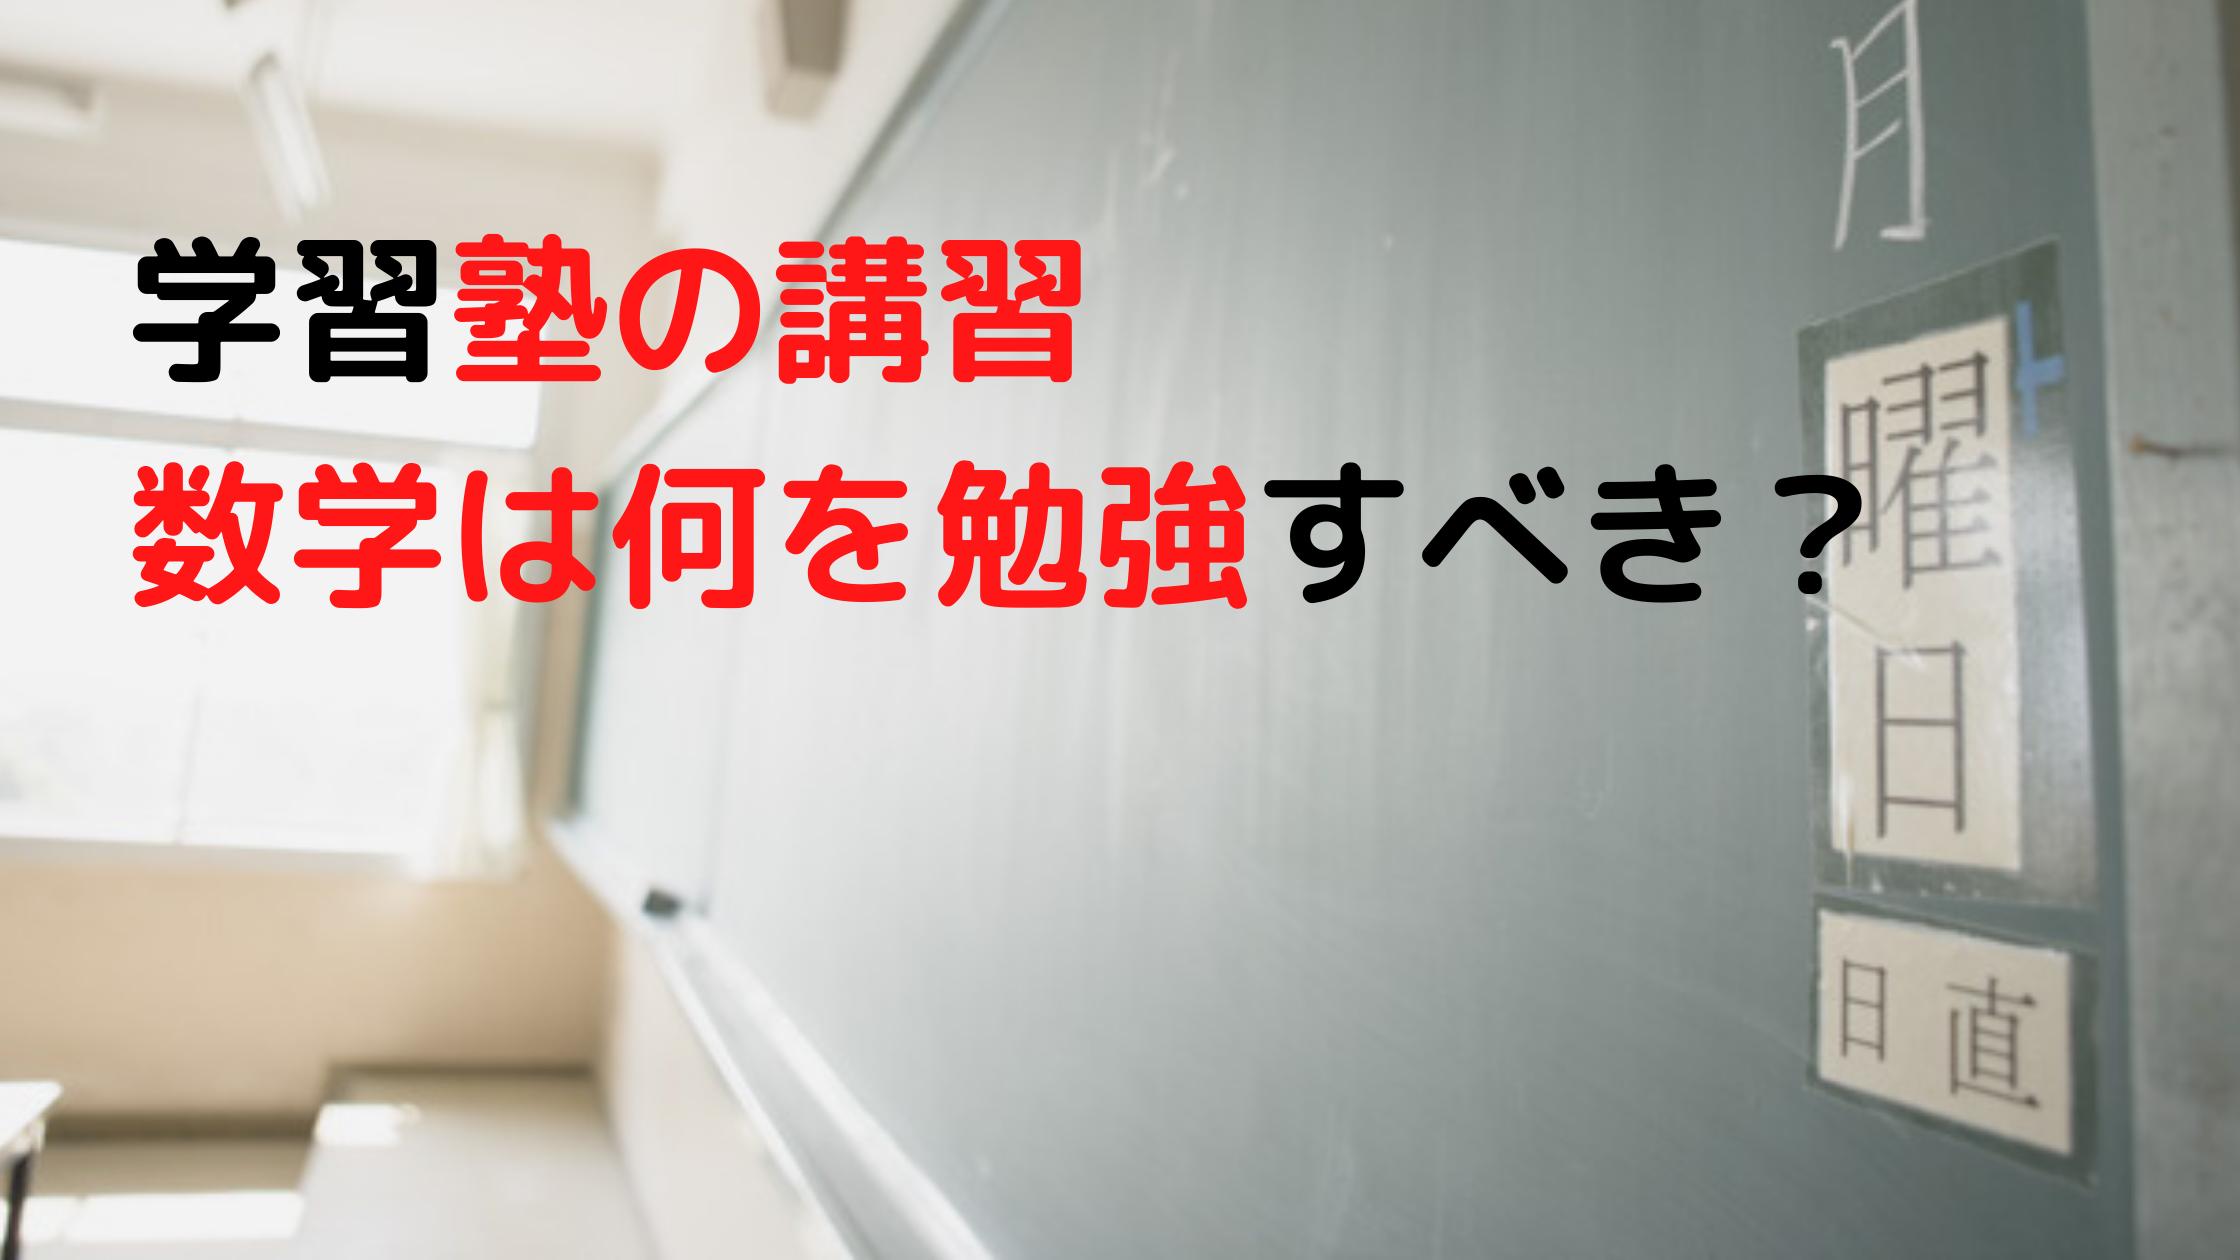 塾の講習 数学